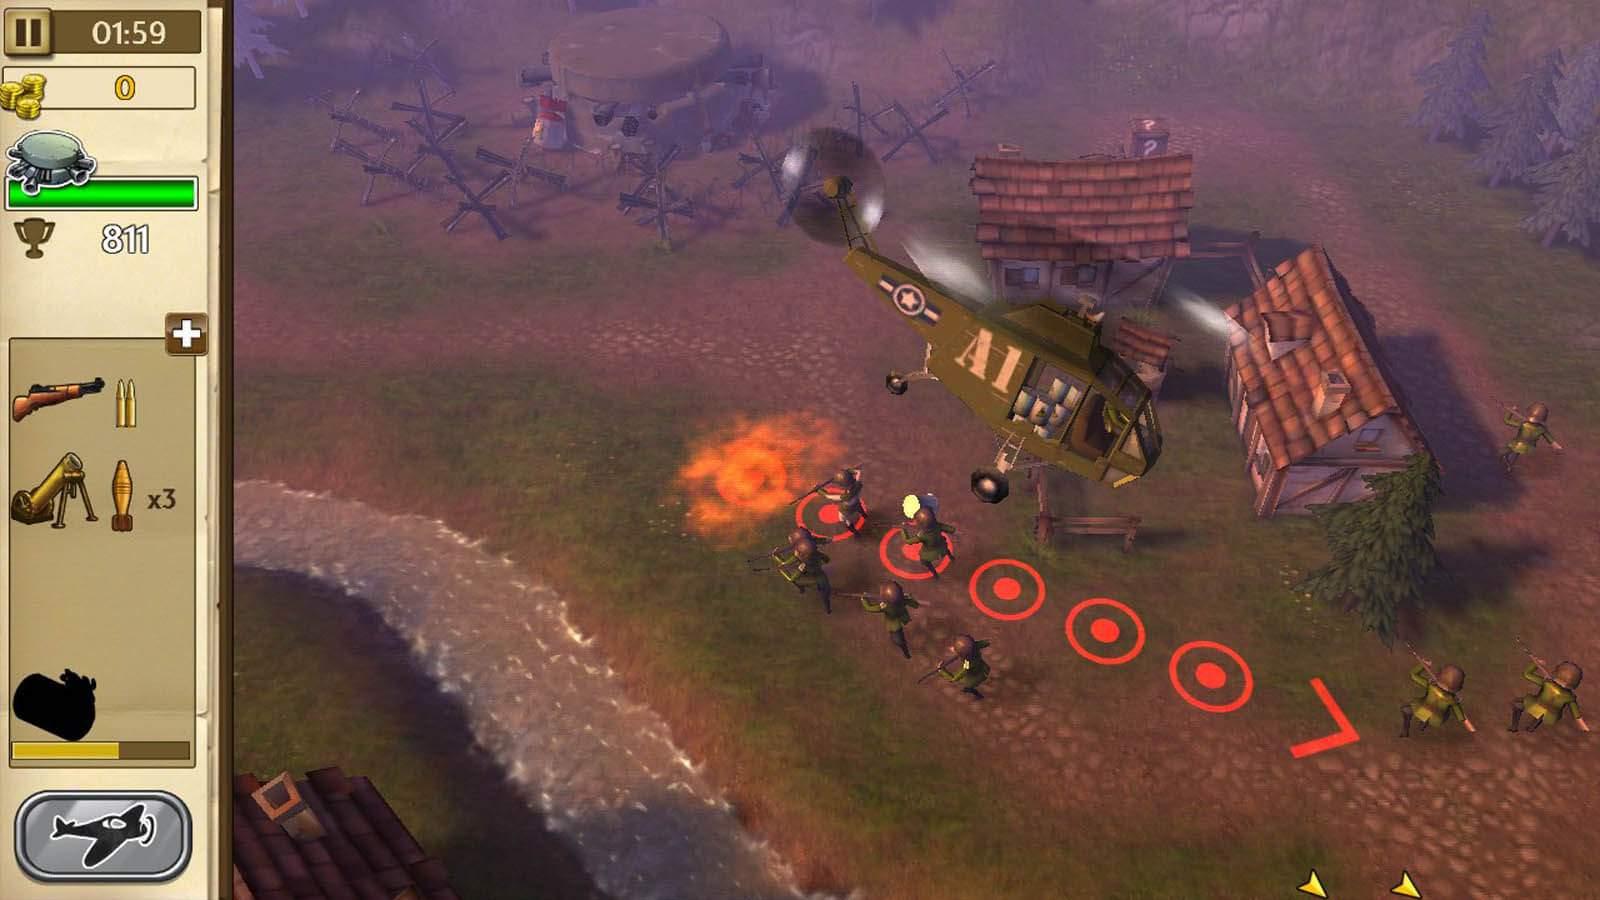 تحميل لعبة Hills Of Glory 3D مضغوطة برابط واحد مباشر + تورنت كاملة مجانا